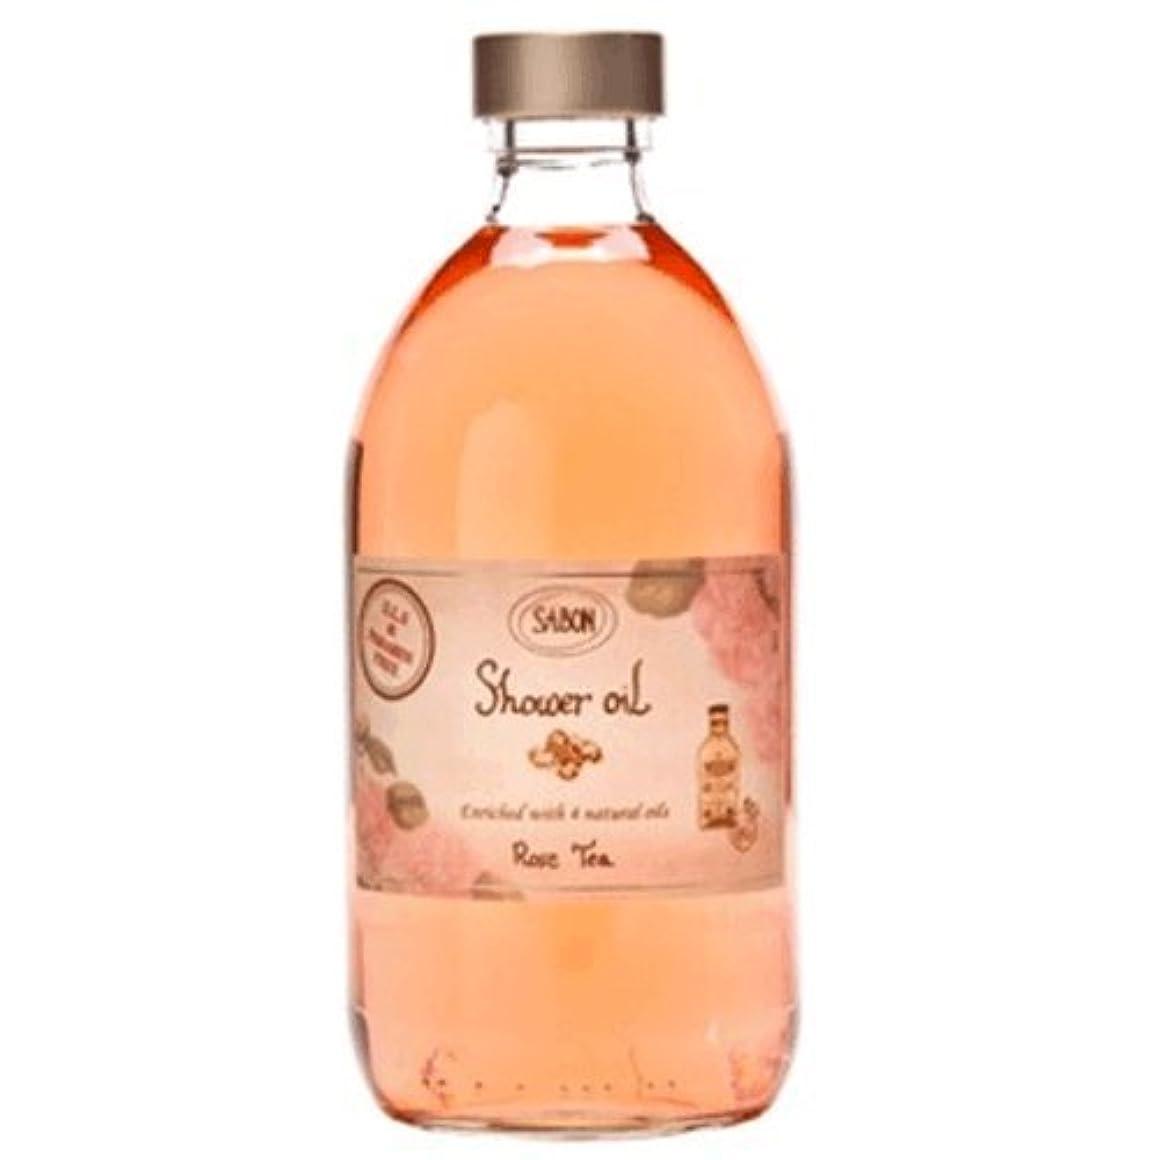 好意ネコ傑出した【サボン】シャワーオイル ローズティー(Rose Tea) ポンプ付き 500ml